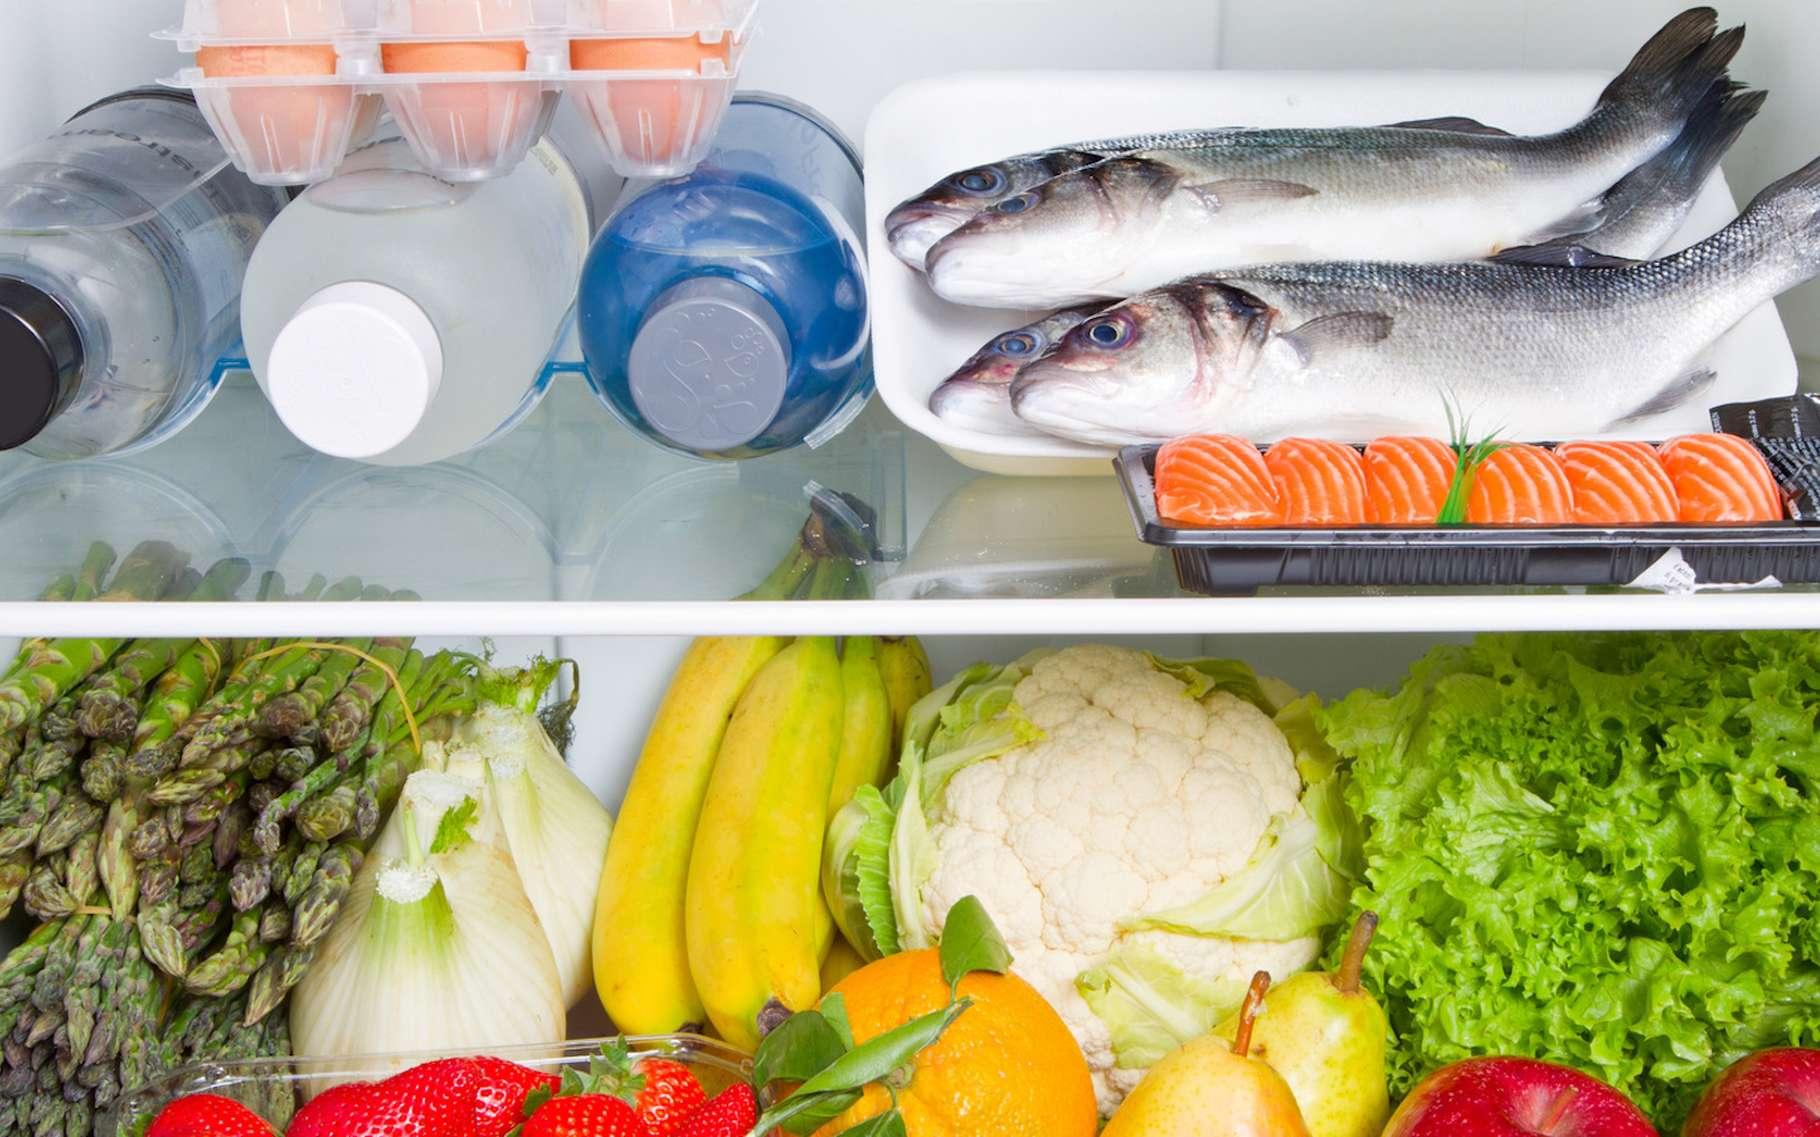 Votre frigo consomme plus d'énergie que vous ne le croyez